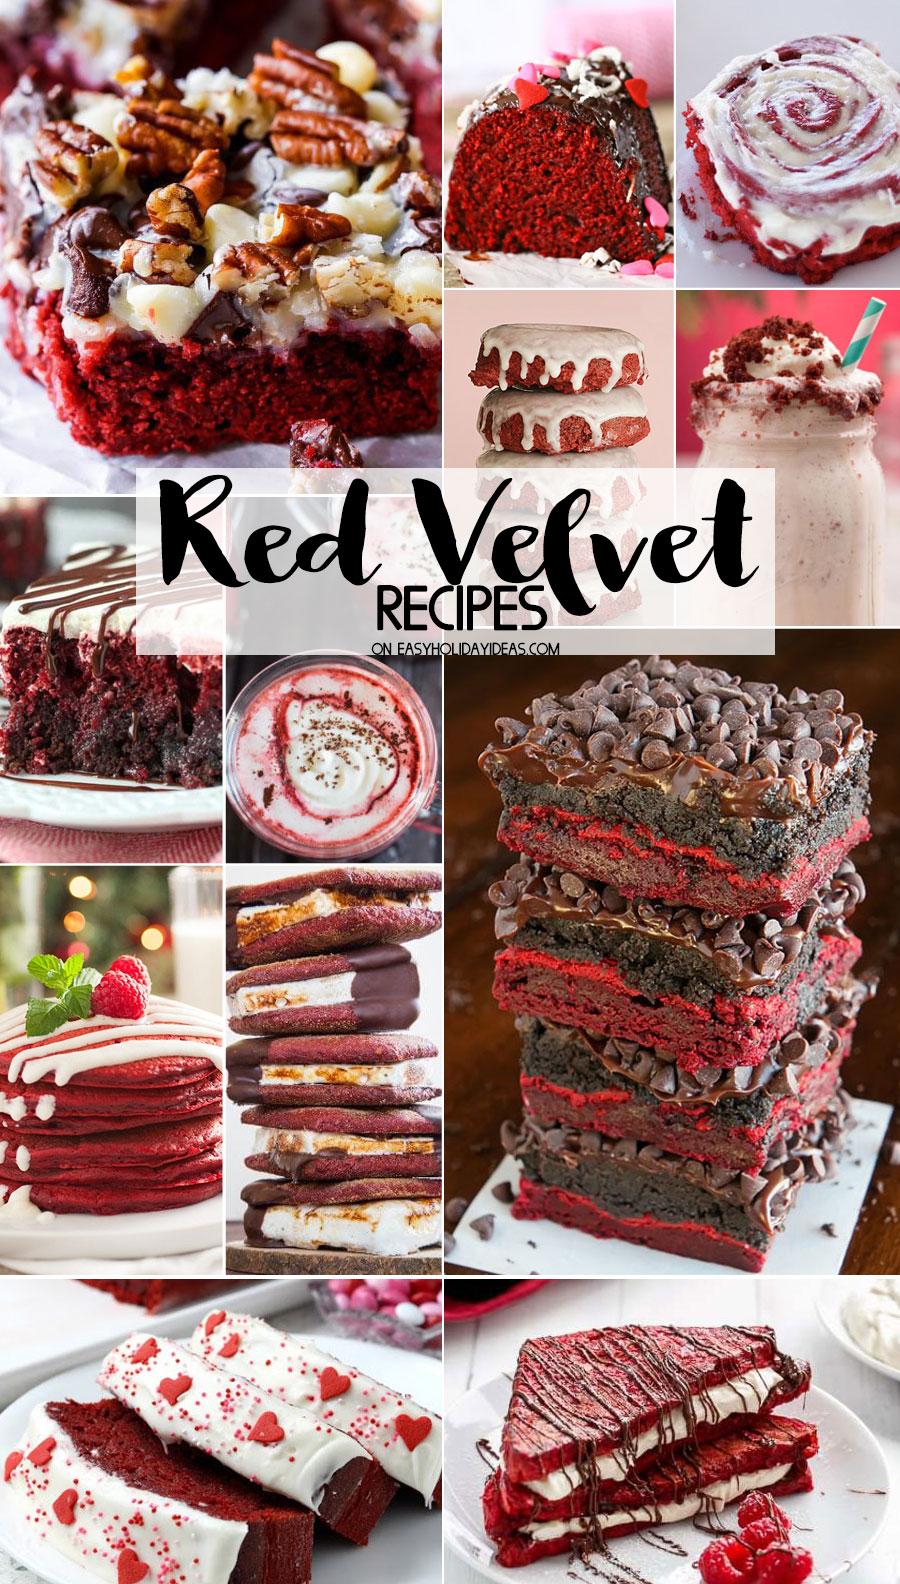 Red Velvet Recipes